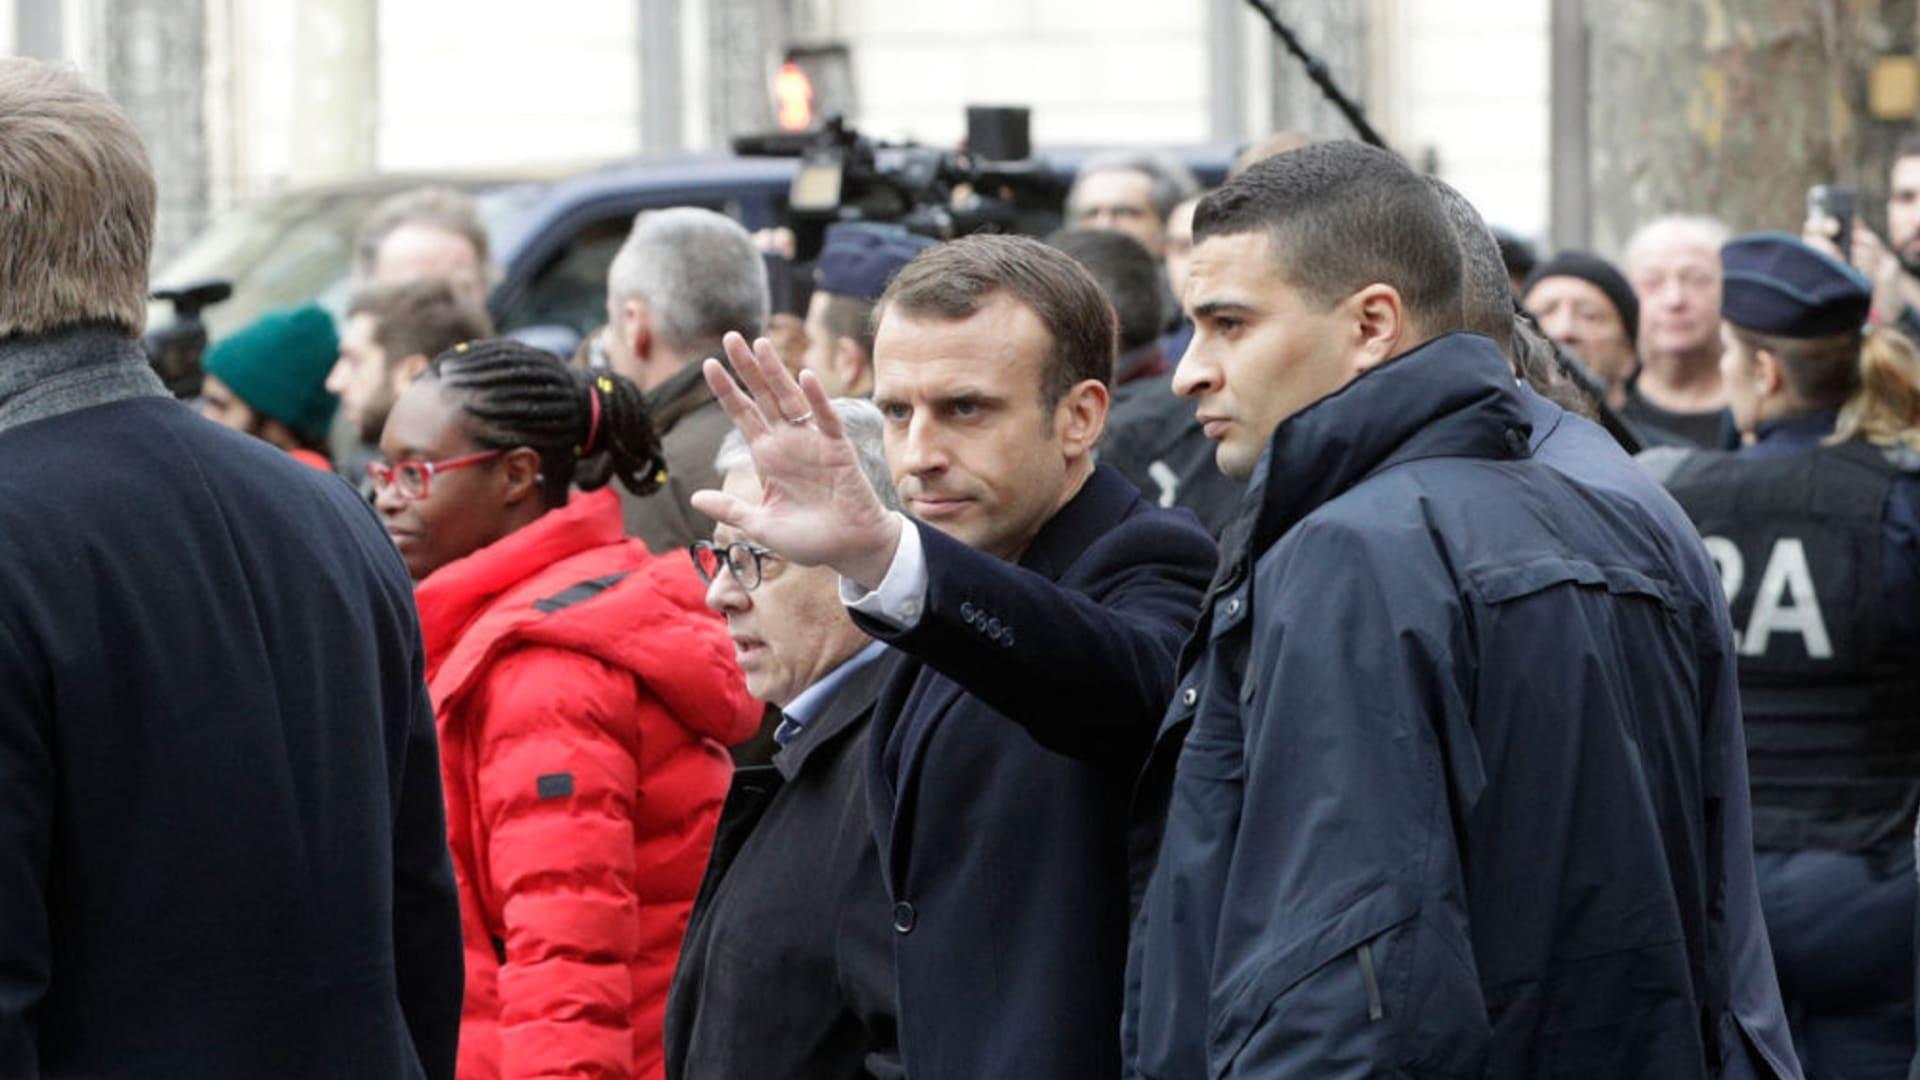 """اعتقالات وإصابات في احتجاجات """"السترات الصفراء"""" بباريس"""